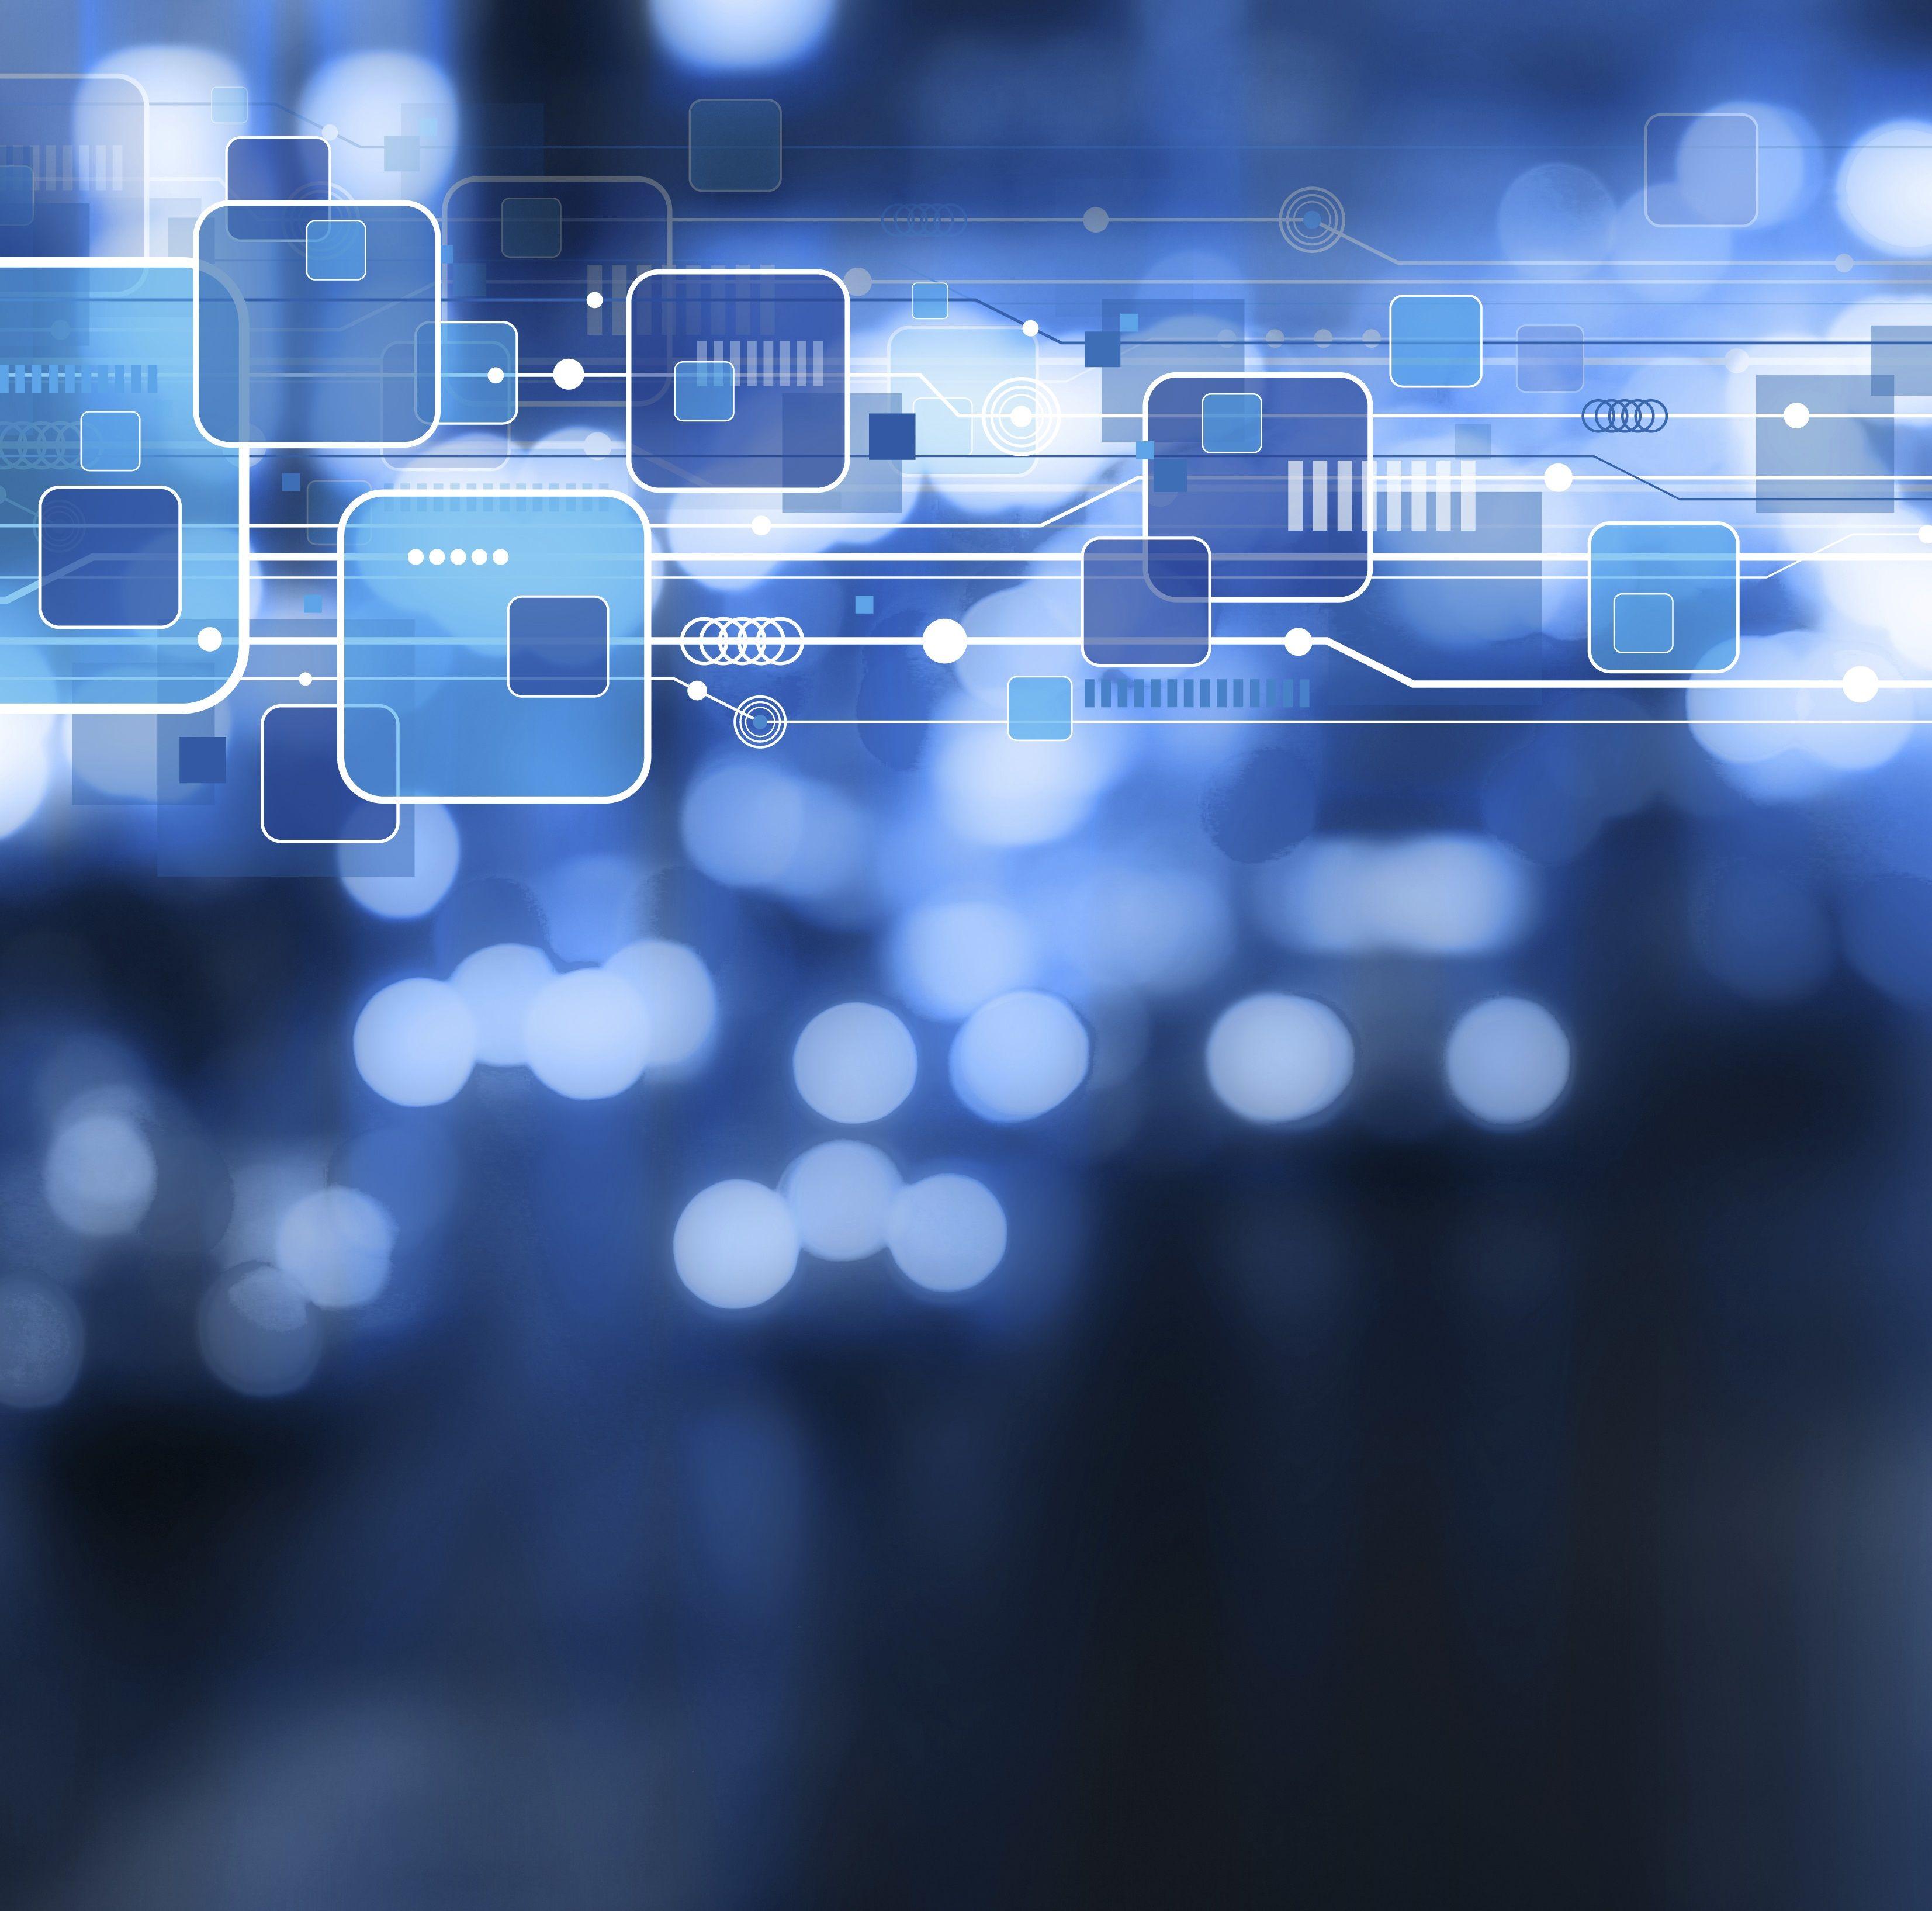 Information Technology Category Technology background